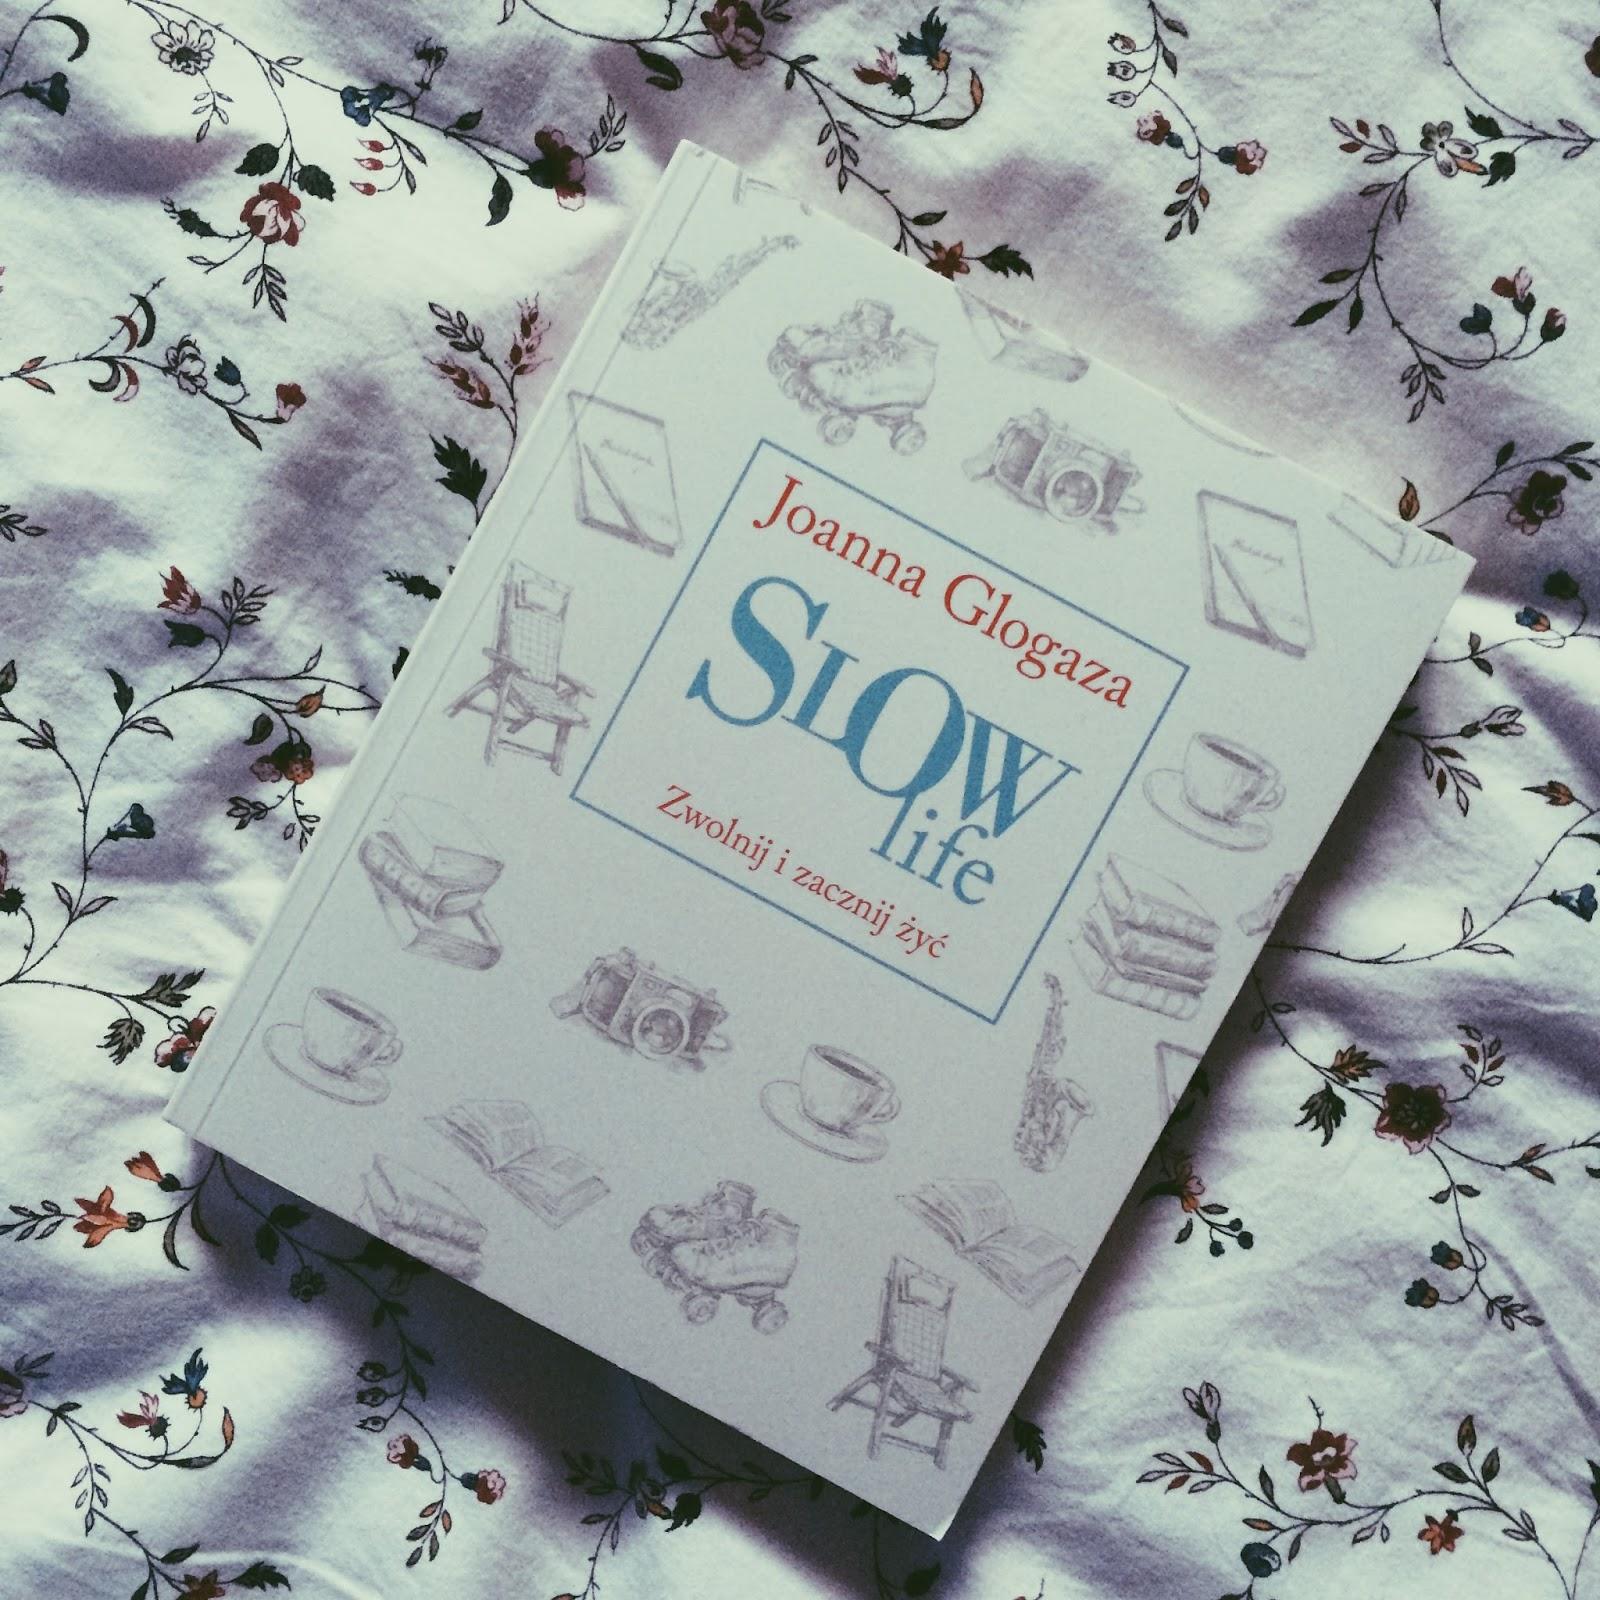 Slow life // Joanna Glogaza